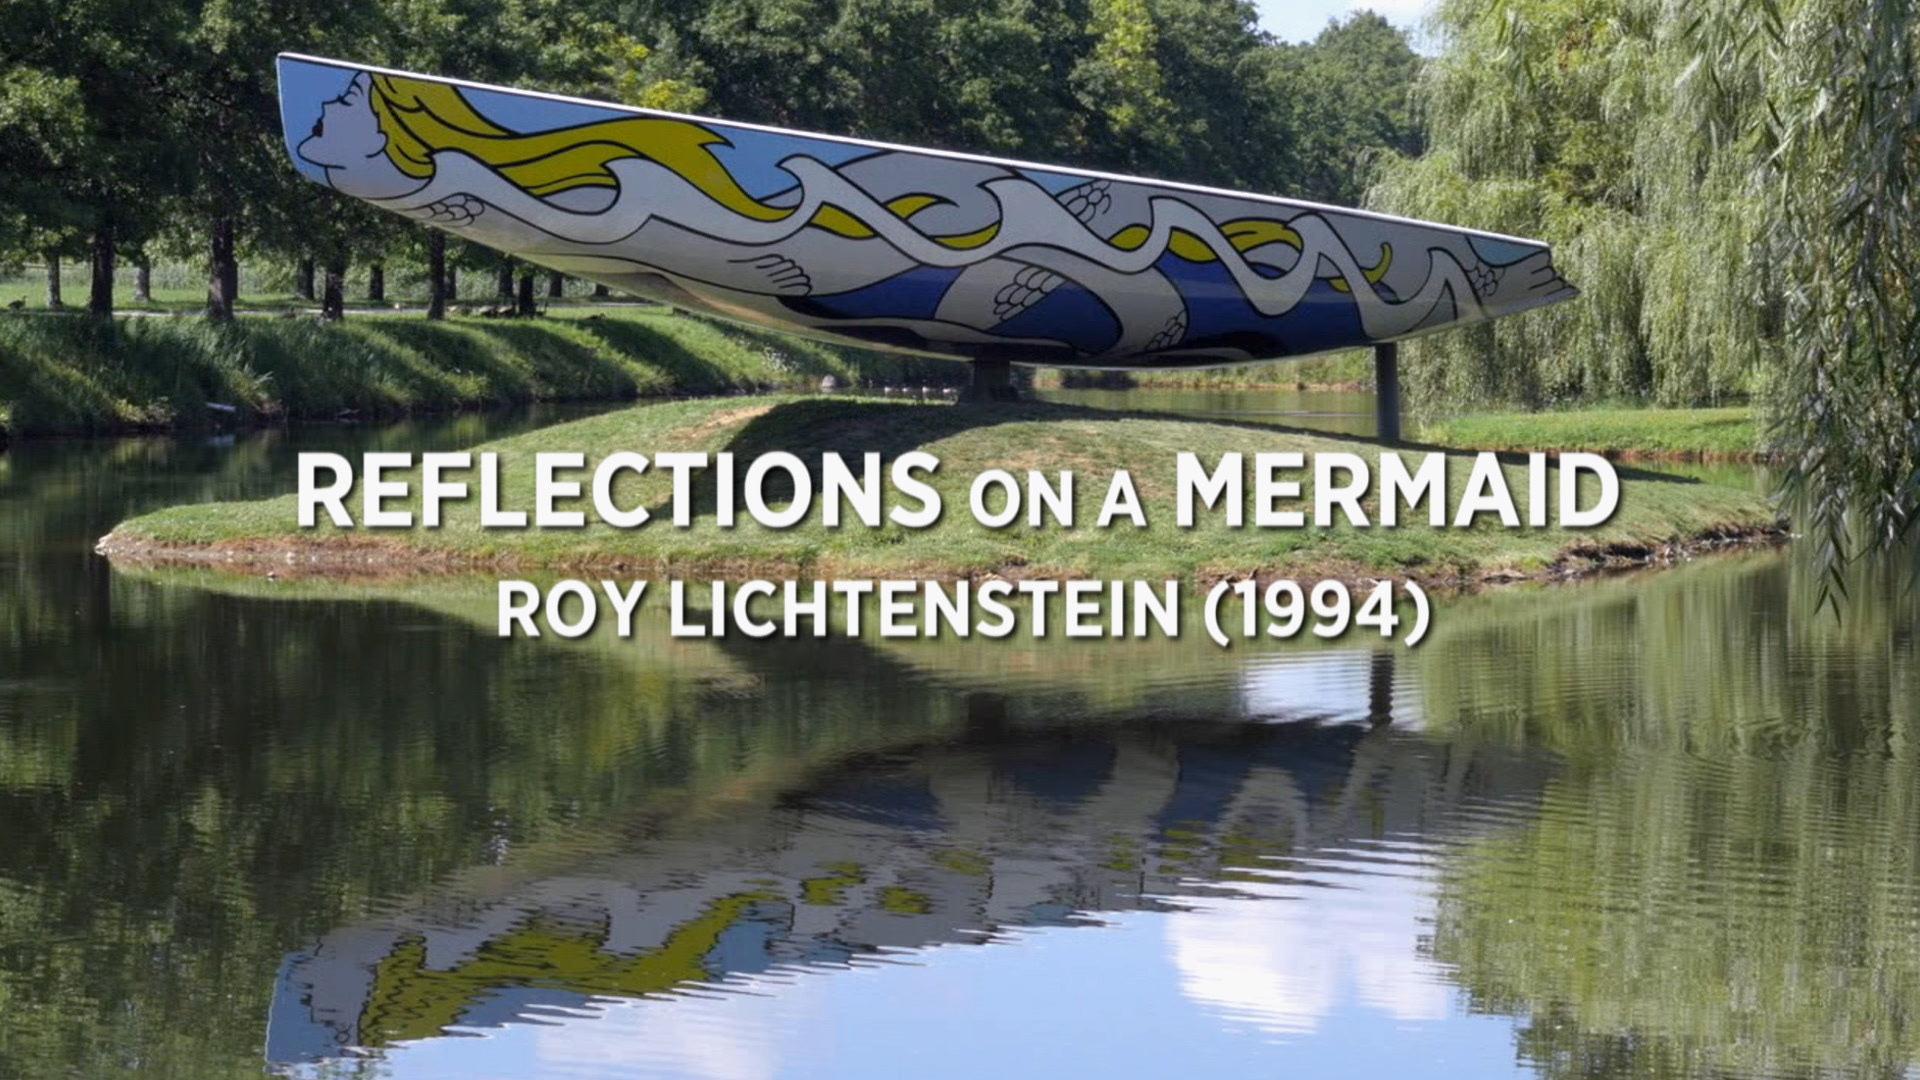 Reflections on a Mermaid: Roy Lichtenstein (1994)